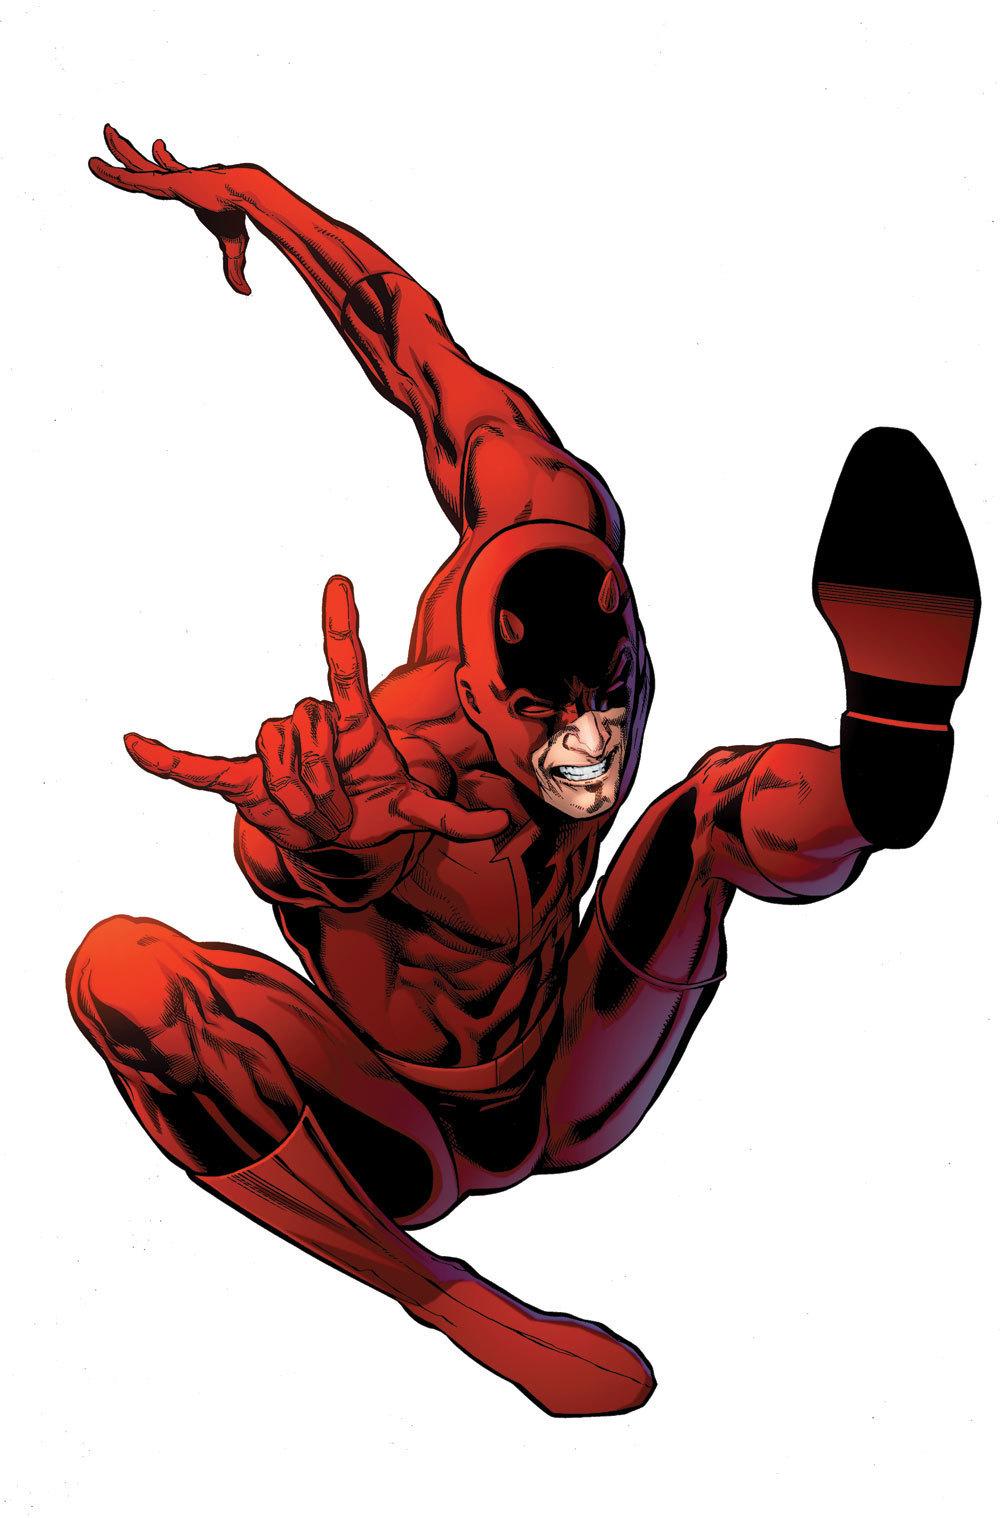 Daredevil/Hawkman